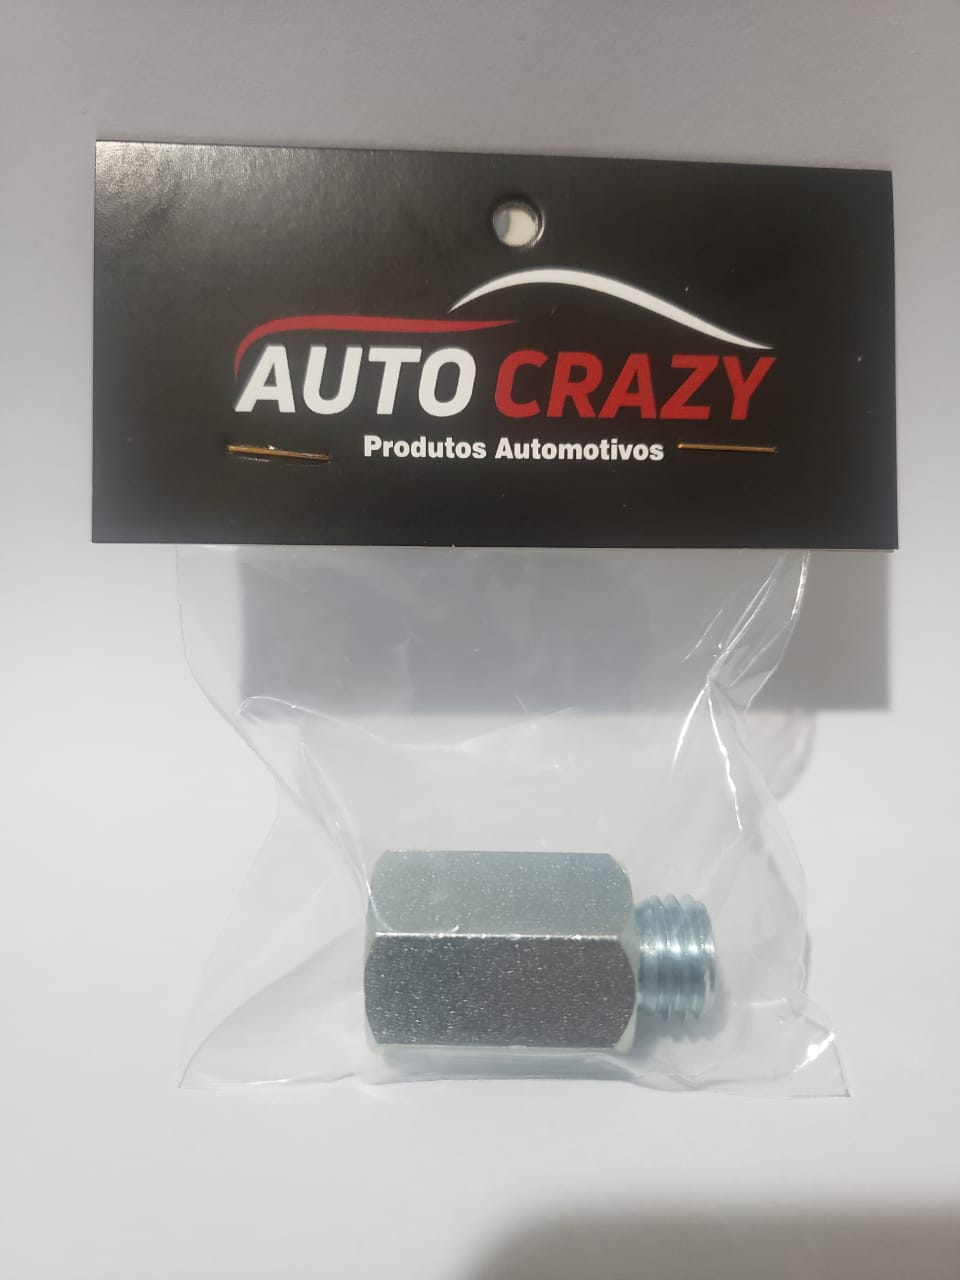 Parafuso adaptador Auto Crazy 14mm x 5/8